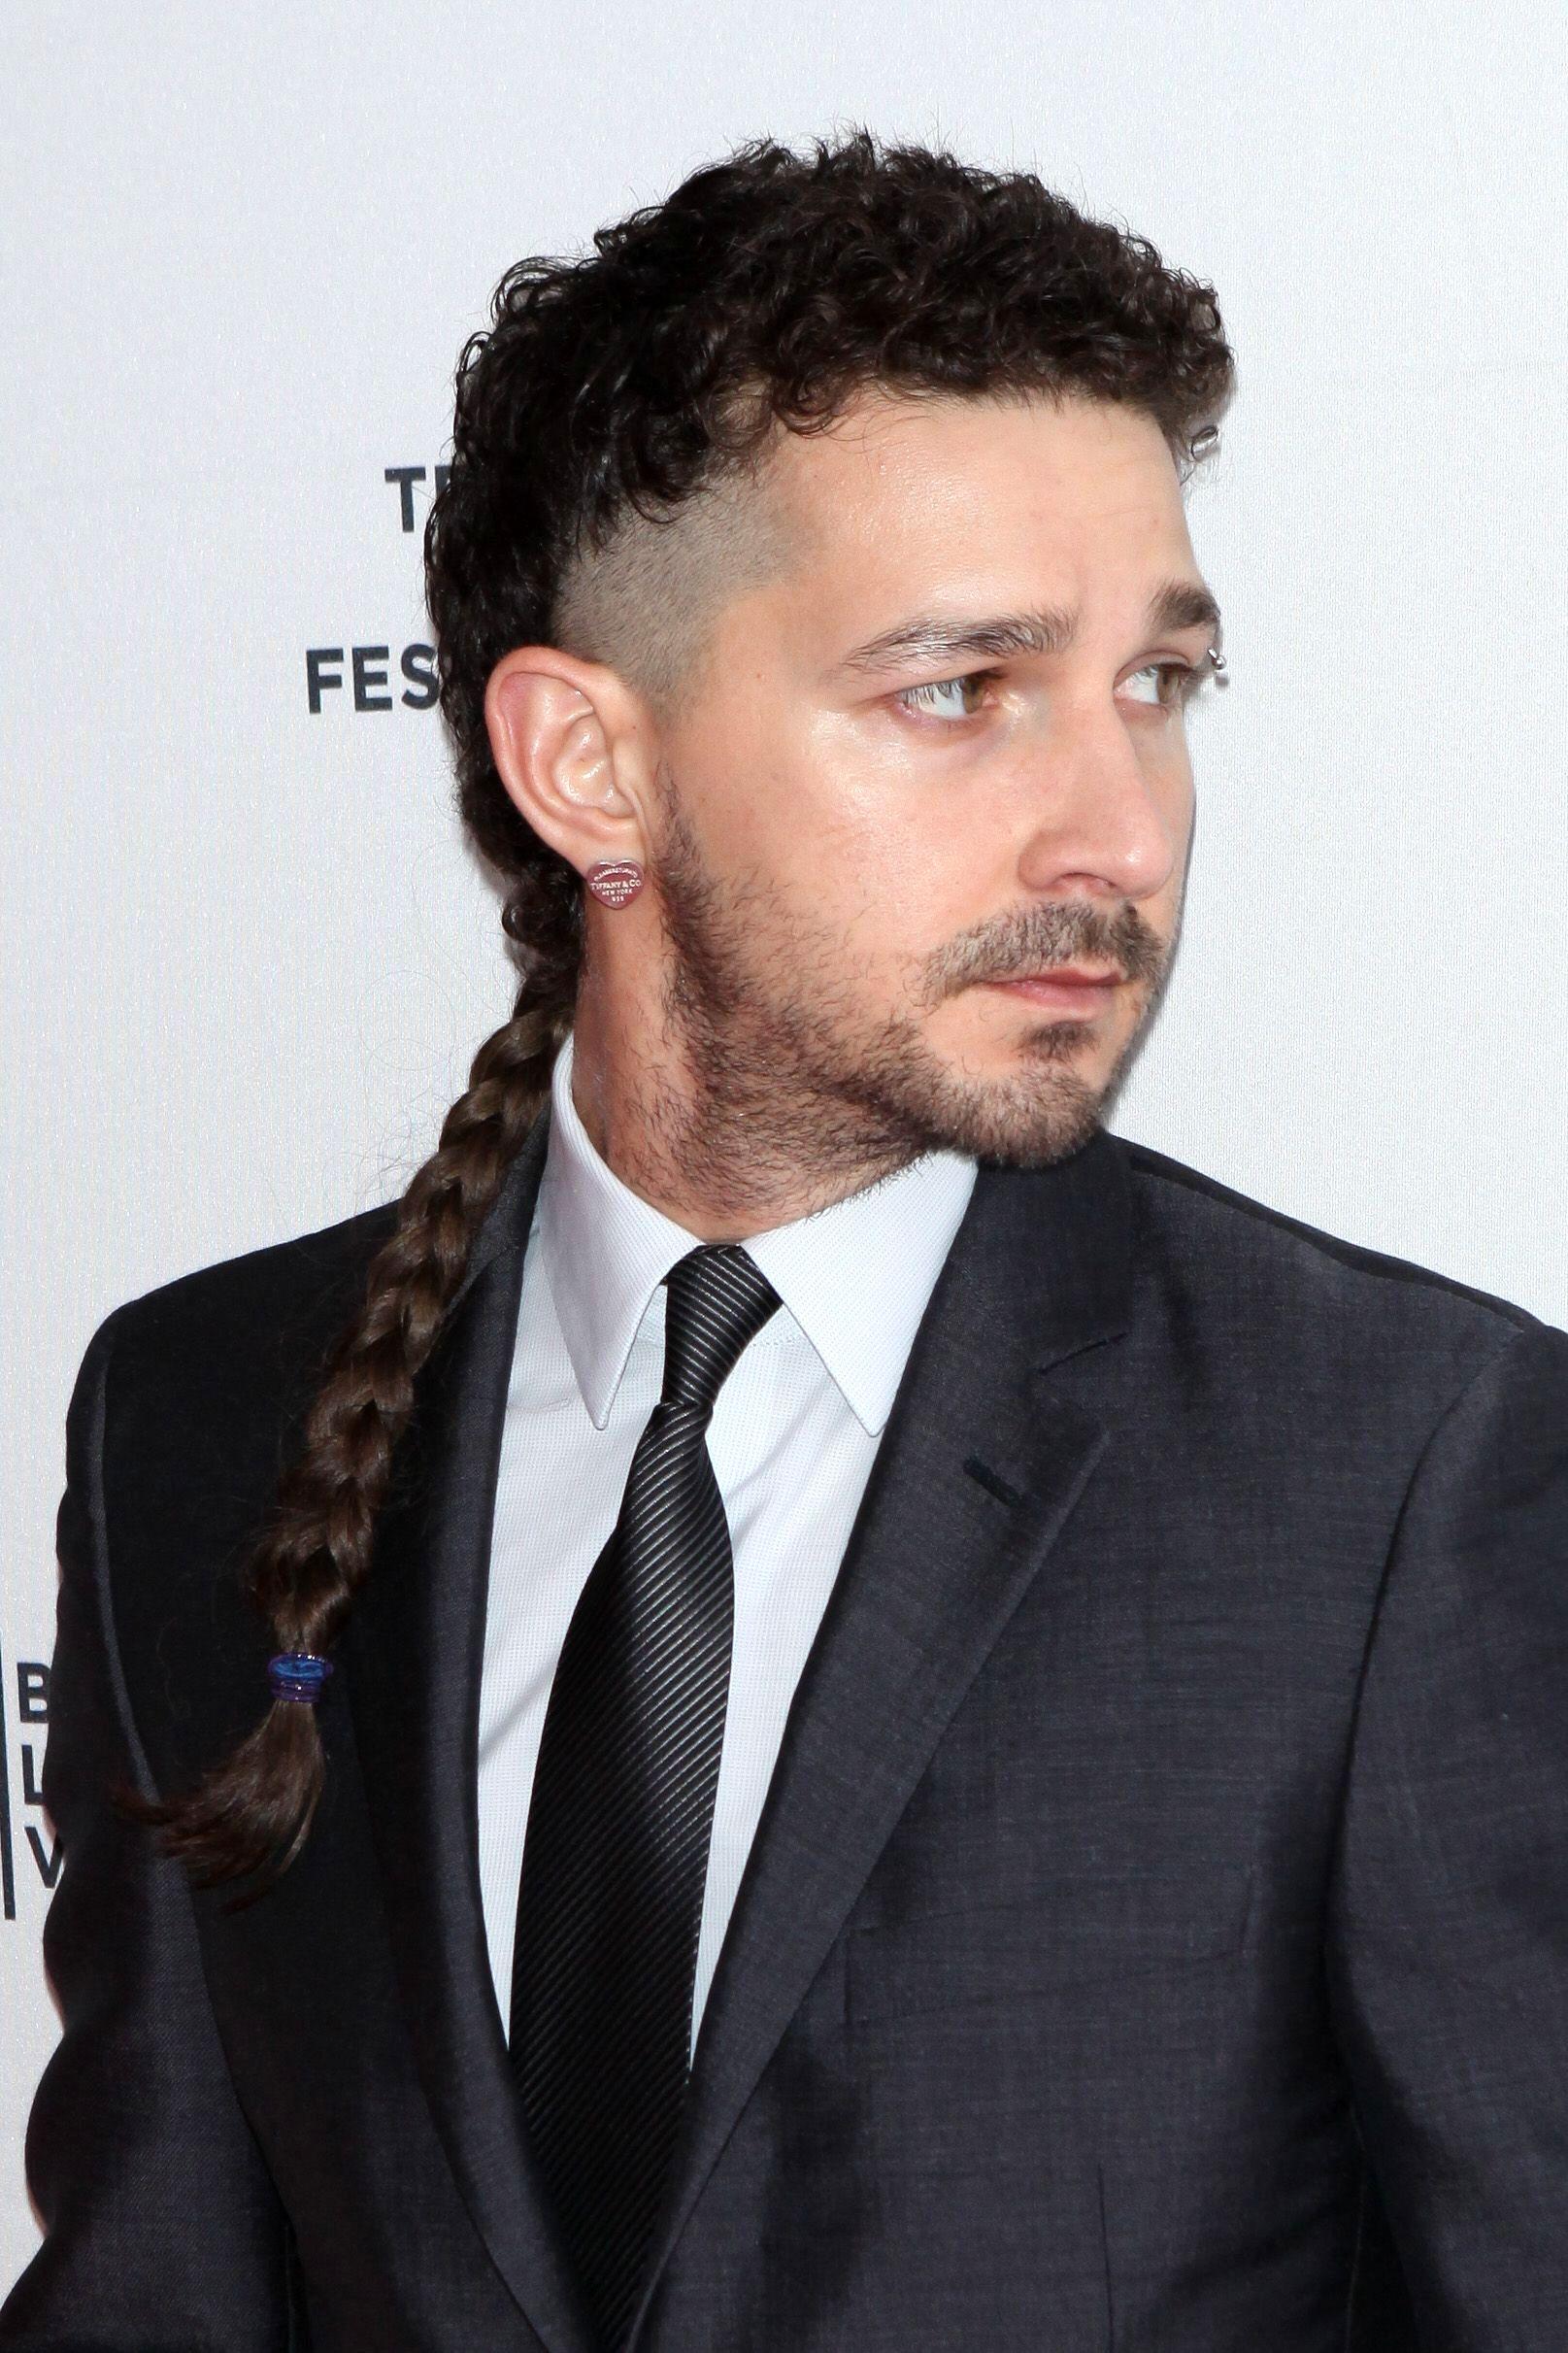 Hombre de cabello largo, corto en la base, rapado hacia los costados y con trenza